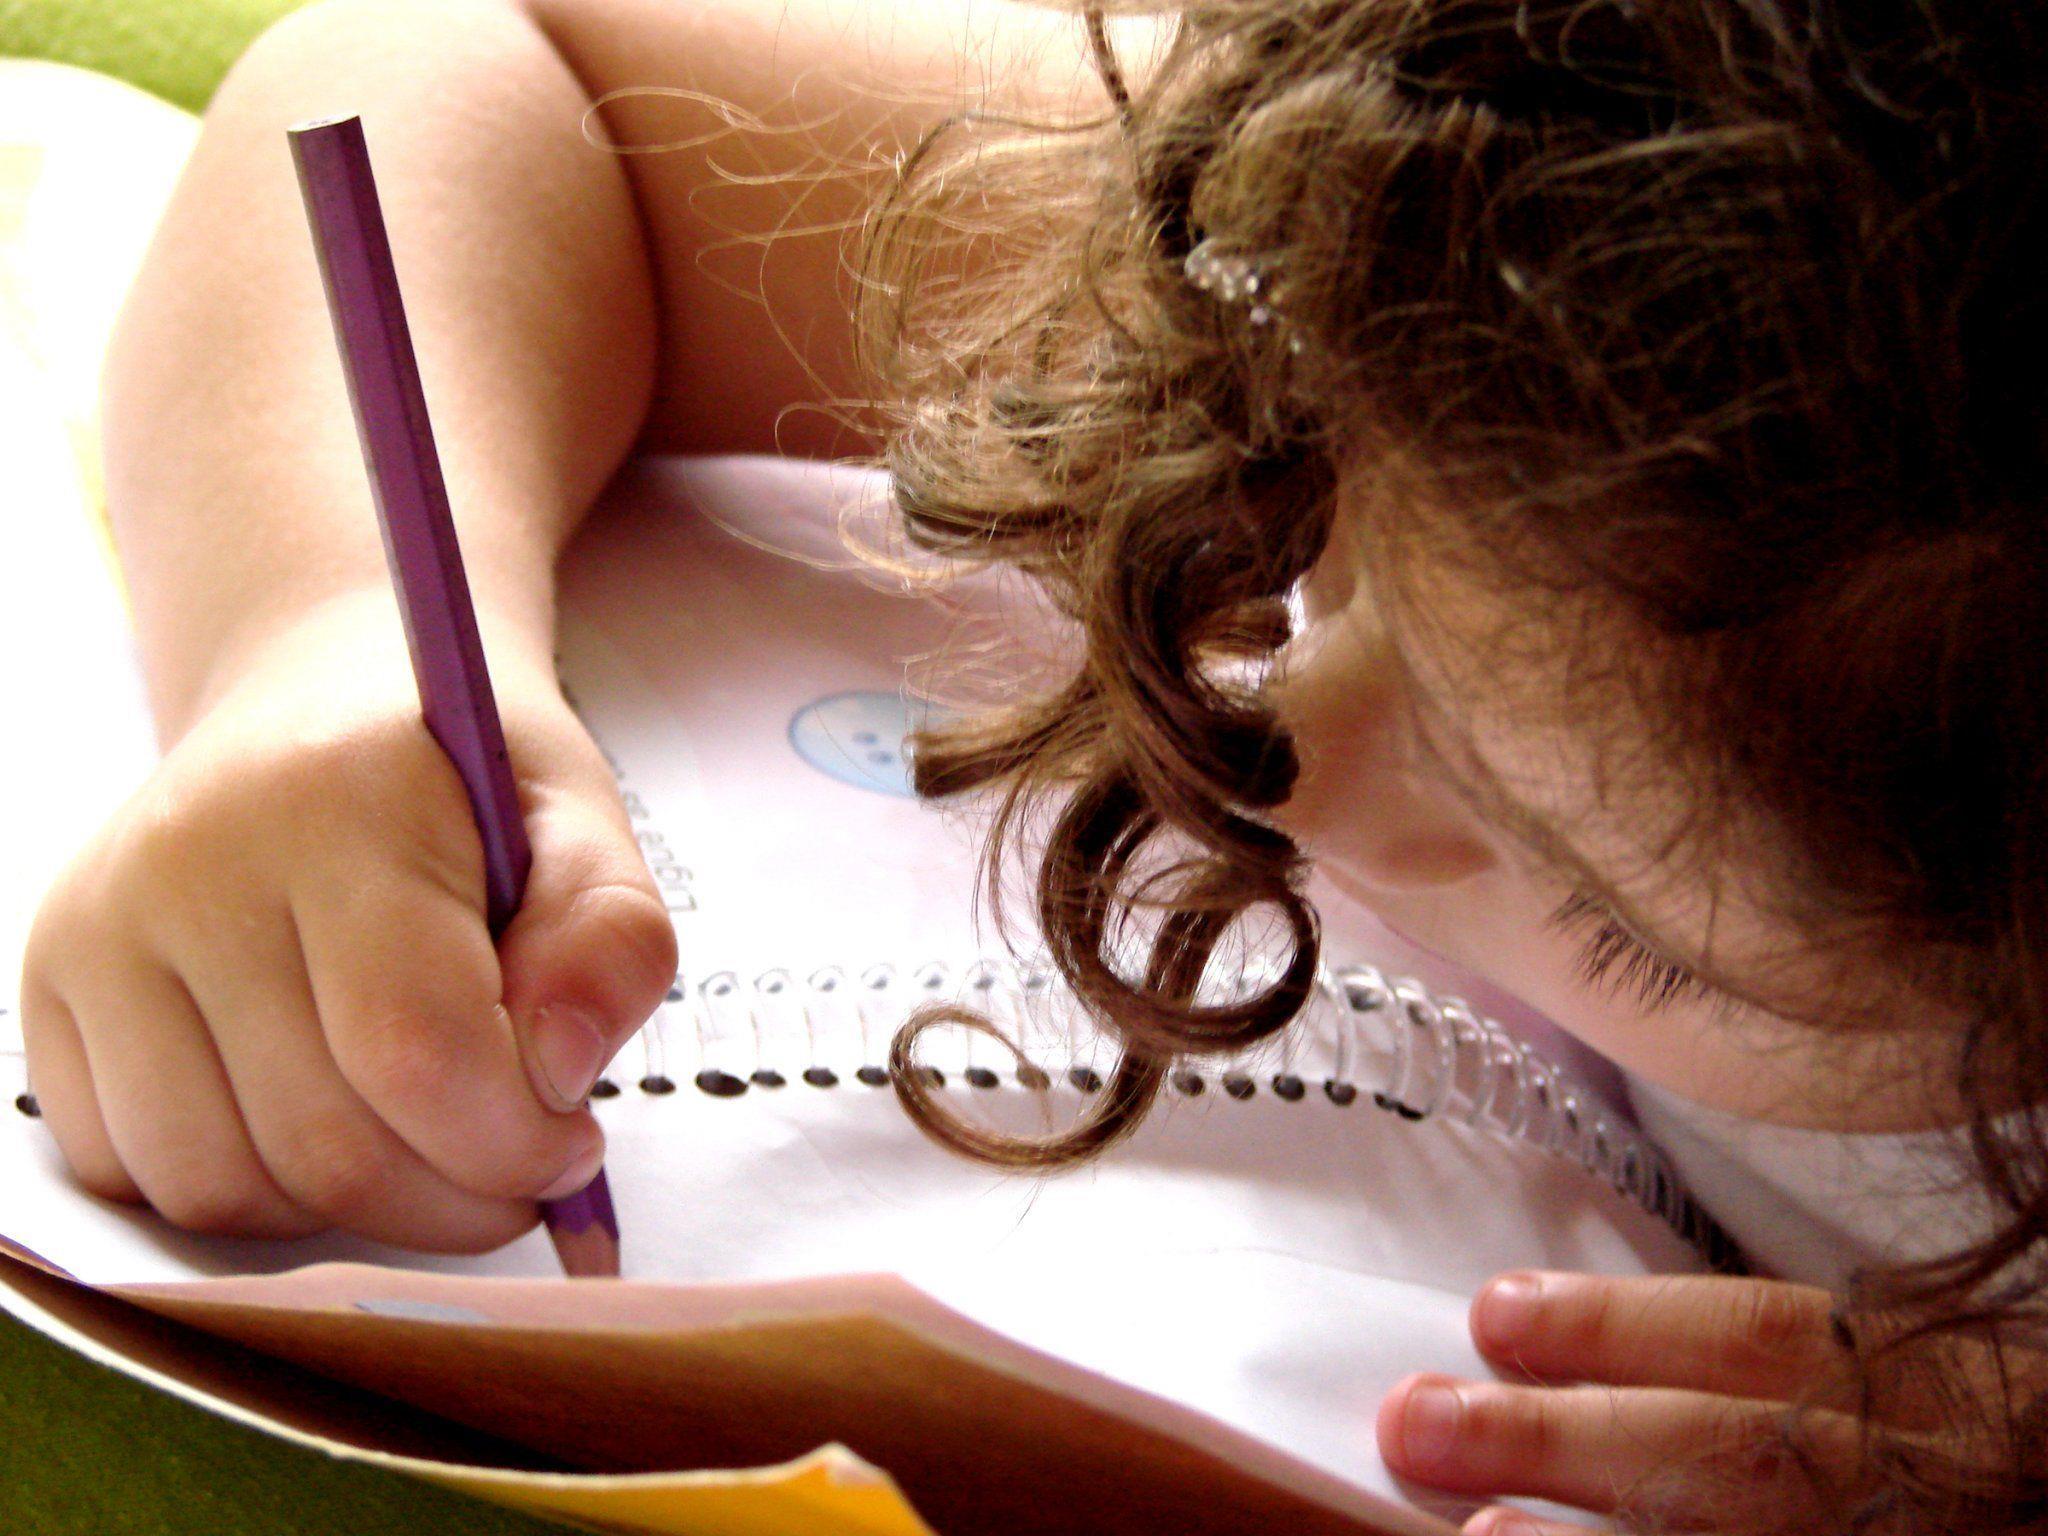 Kleines Genie: Vierjährige als jüngstes Kind in britische Mensa aufgenommen